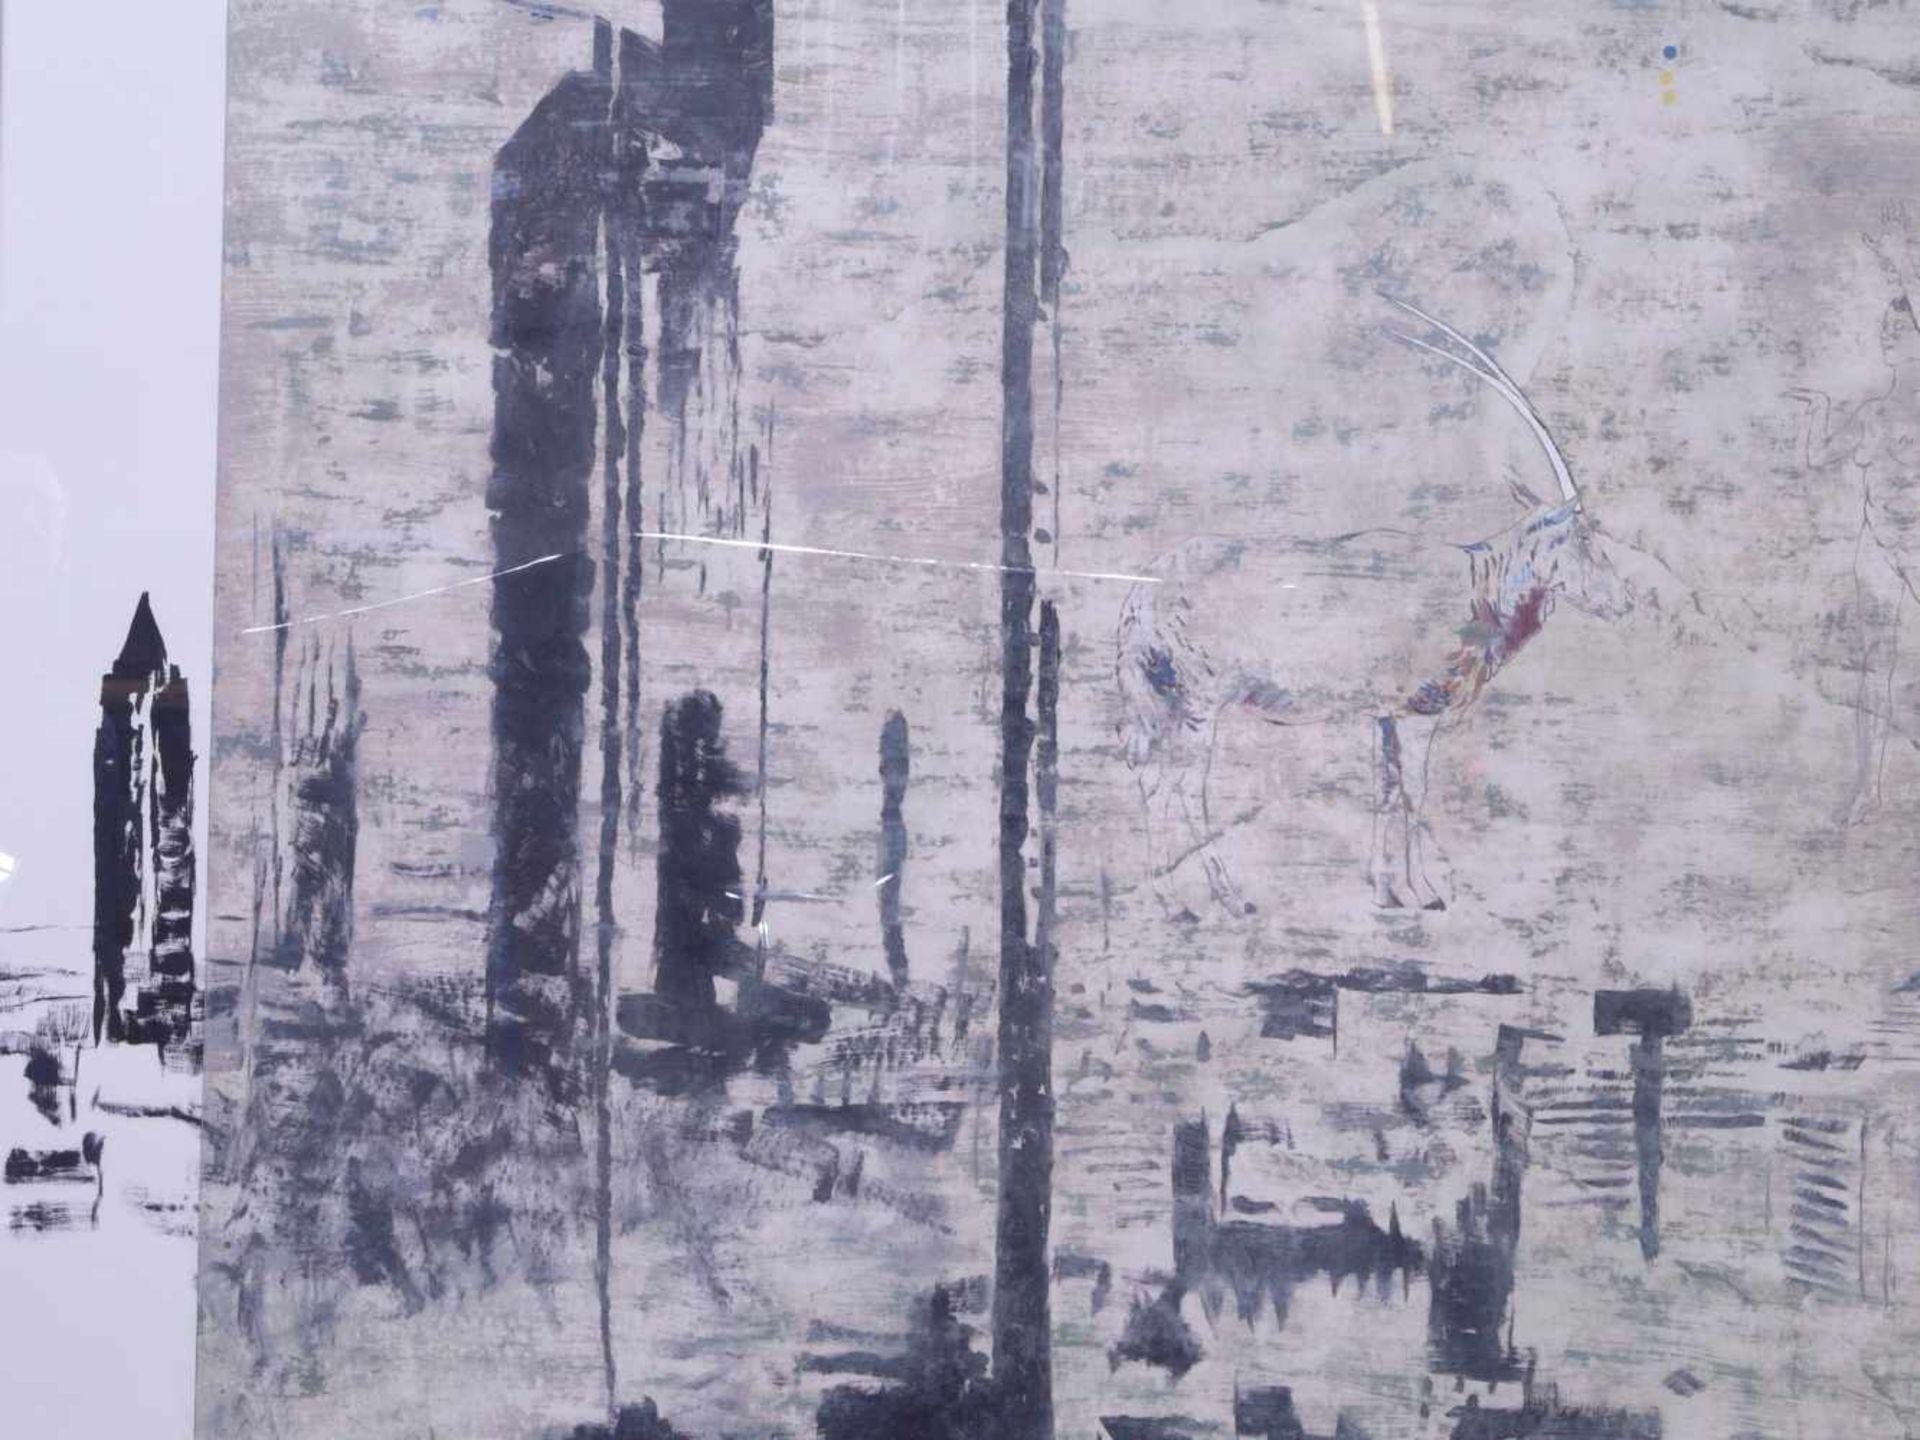 """Dauphin, Peter genannt Muth (Nürnberg 1957) - Großformatiges Gemälde """"Alpstadt""""Sehr großes - Bild 6 aus 6"""